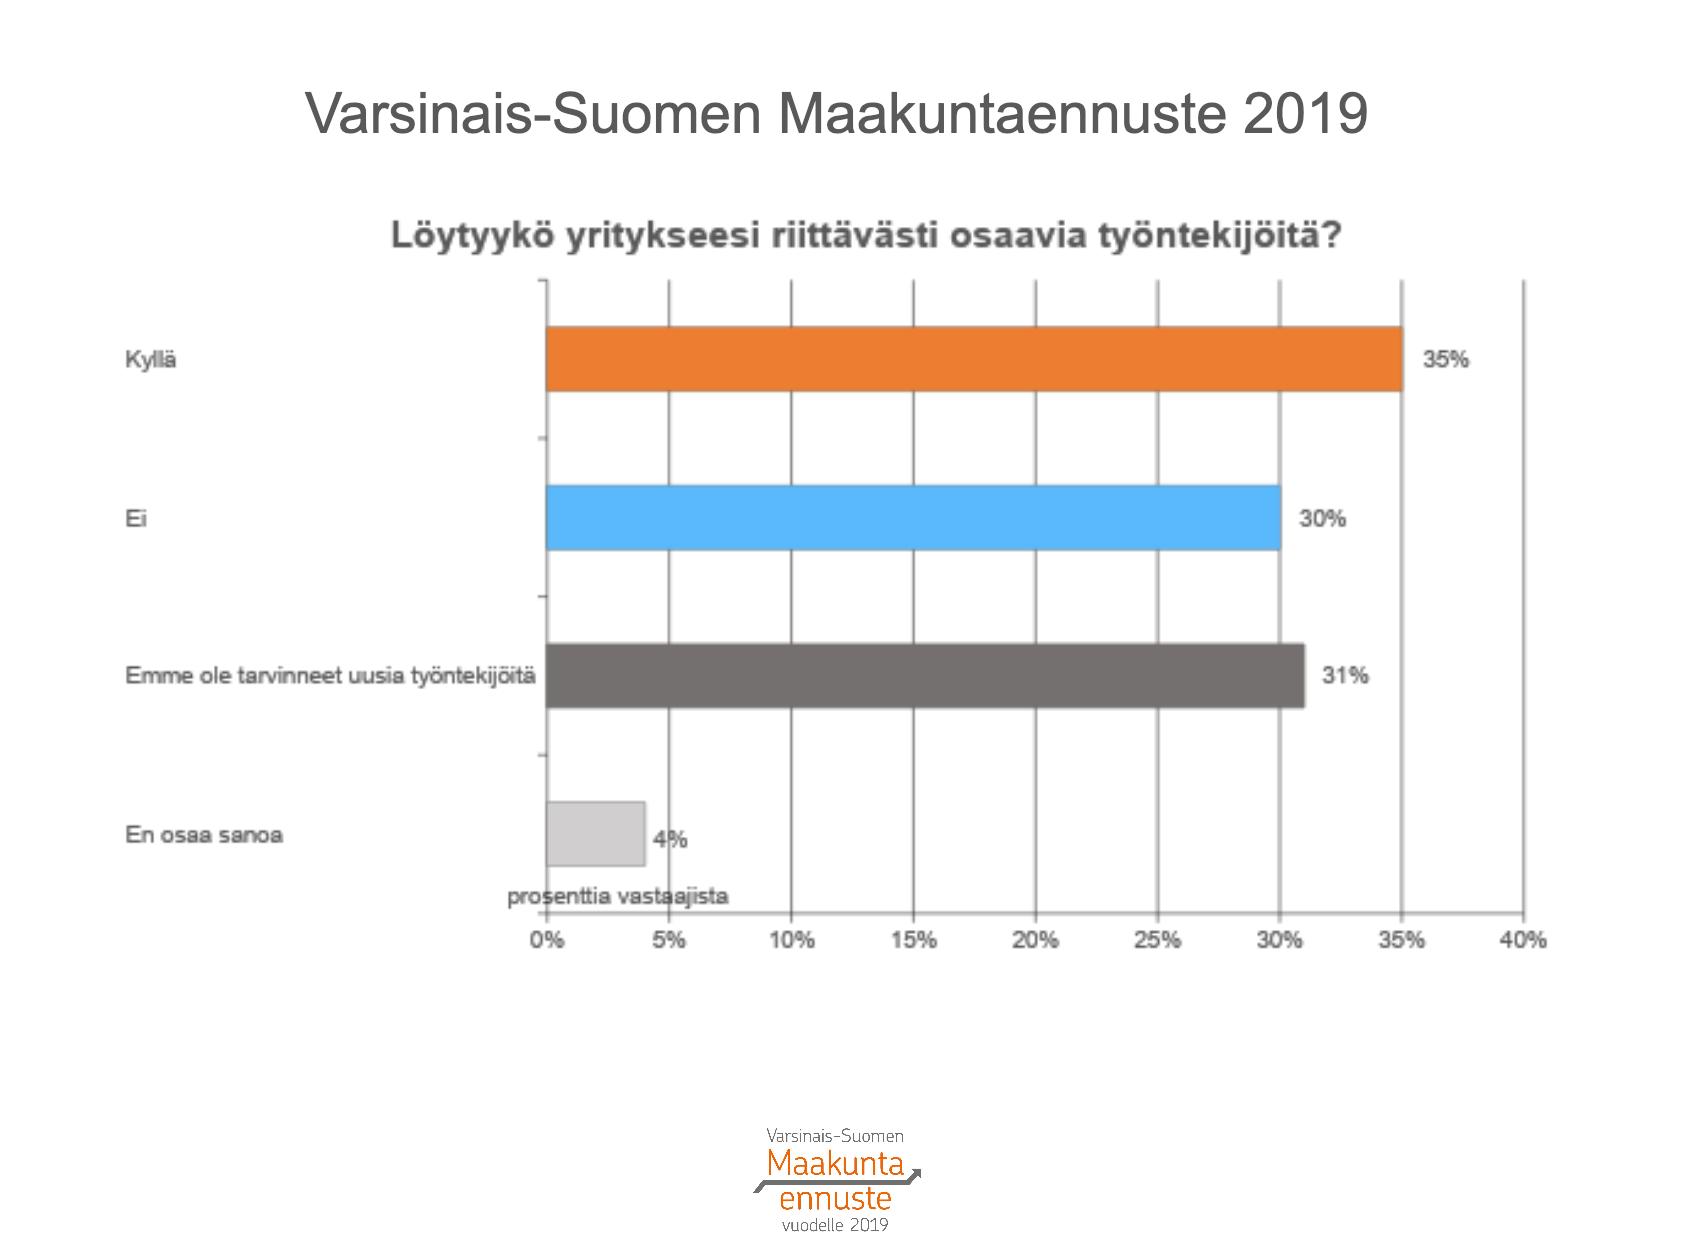 Varsinais-Suomen työntekijöiden osaaminen